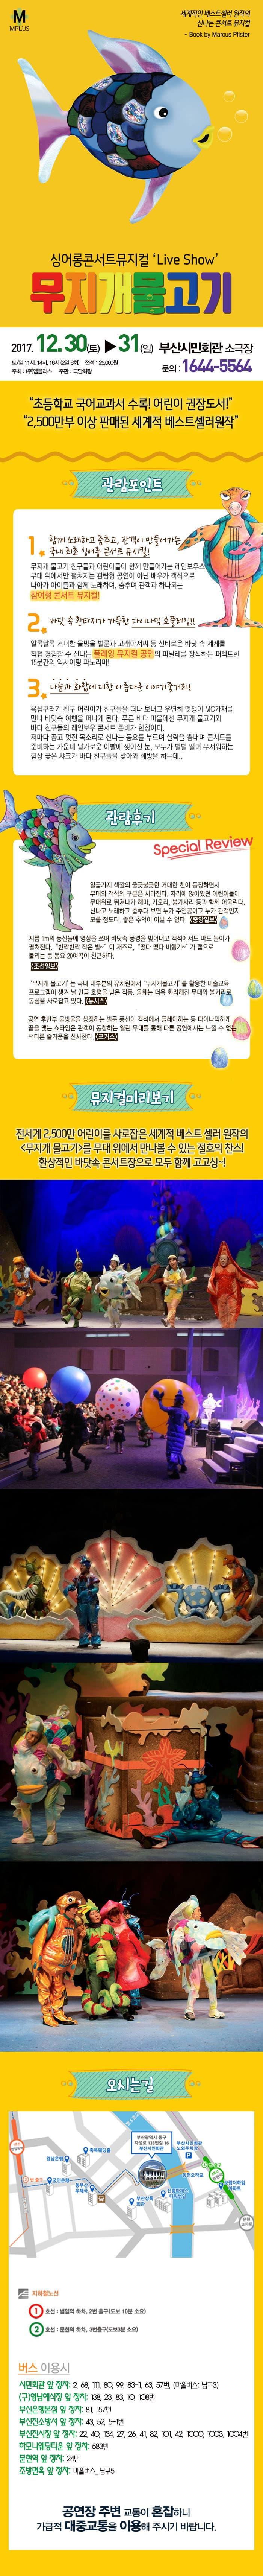 M PLUS 세계적인 베스트셀러 원작의 신나는 콘서트 뮤지컬 - Book by Marcus Pister 싱어롱콘서트뮤지컬 Live Show 무지개물고기 2017.12.30(토) ~ 31(일) 부산시민회관 소극장 토/일 11시, 14시, 16시(2일 6회) 전석 25,000원 주최(주)엠플러스 주관: 극단화랑 문의:1644-5564 초등학교 국어교과서 수록! 어린이 권장도서! 2,500만부 이상 판매된 세계적 베스트셀러원작 관람포인트 1 함께노래하고 춤추고, 관객이 만들어가는 국내 최초 싱어롱 콘서트 뮤지컬! 무지개 물고기 친구들과 어린이들이 함게 만들어가는 레인보우쇼 무대 위에서만 펼쳐지는 관람형 공연이 아닌 배우가 객석으로 나아가 아이들과 함께 노래하며, 춤추며 관객과 하나되는 참여형 콘서트 뮤지컬! 2. 바닷 속 환타지가 가득한 다이나믹 쇼플레잉!! 알록달록 거대한 물방울 벌룬과 고래아저씨 등 신비로운 바닷 속 세계를 직접 경험할 수 신나는 플레잉 뮤지컬 공연의 피날레를 장식하는 퍼펙트한 15분간의 익사이팅 파노라마! 3 나눔과 화합에 대한 아름다운 이야기줄거리! 욕심꾸러기 친구 어린이가 친구들을 떠나 보내고 우연히 멋쟁이 MC가재를 만나 바닷속 여행을 떠나게 된다. 푸른 바다 마을에선 무지개 물고기와 바다 친구들의 레인보우 콘서트 준비가 한창이다. 저마다 곱고 멋진 목소리로 신나는 동요를 부르며 실력을 뽐내며 콘서트를 준비하는 가운데 날카로운 이빨에 찢어진 눈 모두가 벌벌 떨며 무서워하는 험상 궂은 샤크가 바다 친구들을 찾아와 훼방을 하는데.. 관람후기 Special Review 일곱가지 색깔의 울긋불긋한 거대한 천이 등장하면서 무대와 객석의 구분은 사라진다. 자리에 앉아있던 어린이들이 무대위로 뛰쳐나간 헤마 가오리 불가사리 등과 함께 어울린다. 신나고 노래하고 춤추다 보면 누가 주인공이고 누가 관객인지 모를 정도다. 좋은 추억이 아닐 수 없다. 중앙일보 지금 1m의 풍선들에 영상을 쏘며 바닷속 풍경을 빚어내고 객석에서도 파도 놀이가 펼쳐진다. 반짝반짝작은 별~이재즈로, 떴다 떴다 비행기~가 랩으로 불리는 등 동요 20여곡이 친근하다. 조선일보 무지개물고기는 국내 대부분의 유치원에서 무지개물고기를 활용한 미술교육 프로그램이 생겨 날 만큼 호평을 받은 작품 올해는 더욱 화려해진 무대와 볼거리로 동심을 사로잡고 있다. 뉴시스 공연 후 반부 물방울을 상징하는 벌룬 풍선이 객석에서 플레이하는 등 다이나믹하게 끝을 맺는 쇼타임은 관객이 동참하는 열린무대를 통해 다른 공연에서는 느낄 수 없는 색다른 즐거움을 선사한다. 포커스 뮤지컬미리보기  전세계 2,500만 어린이를 사로잡은 세계적 베스트 셀러 원작의 무지개물고기를 무대 위에서 만나볼 수 있는 절호의 찬스! 환상적인 바닷속 콘서트장으로 모두 함께 고고싱~! 오시는 길 부산광역시 동구 자성로 133번길 16 부산시민회관 지하철 노선 1호선 : 범일역 하차, 2번 출구(도보 10분 소요) 2호선 : 문현역 하차, 3번 출구(도보 3분 소요) 버스 이용시 시민회관 앞 정차 : 2, 68, 111, 80, 99, 83-1, 63-57번, (마을버스: 남구3) (구)영남예식장 앞 정차 : 138, 23, 83, 10, 108번 부산은행본점 앞 정차 : 81번, 157번 부산진소방서 앞 정차 : 43, 52, 5-1번 부산진시장 앞 정차 : 22, 40, 134, 27, 26, 41, 82, 101, 42,1000, 1003, 1004번 하모니웨딩타운 앞 정차: 583번 문혁역 앞 정차: 24번 조방면옥 앞 정차: 마을버스_남구5 공연장 주변 교통이 혼잡하니 가급적 대중교통을 이용해 주시기 바랍니다.